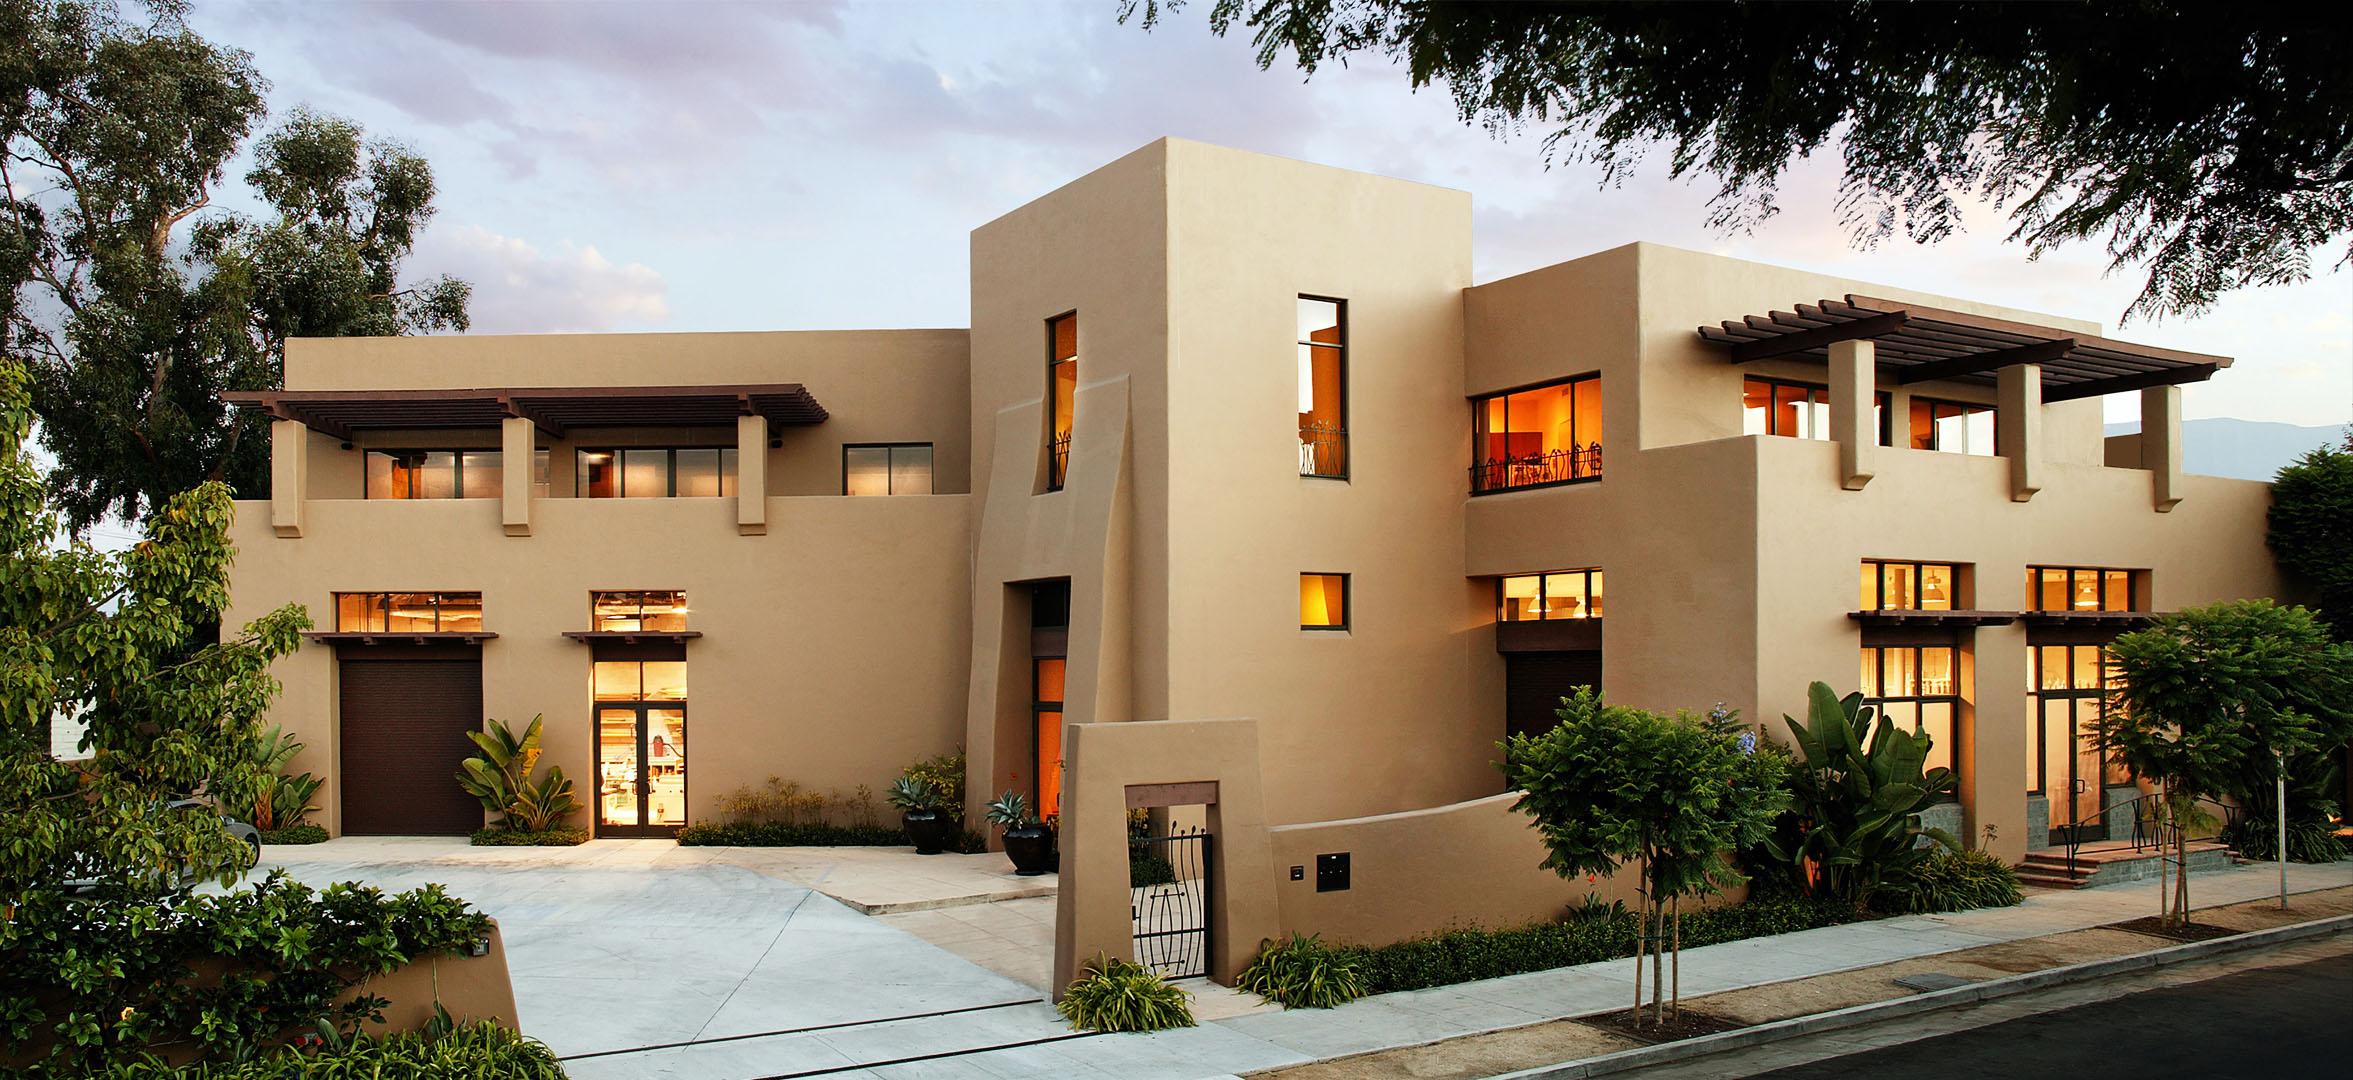 banyan architects modern architecture firm santa barbara.jpg